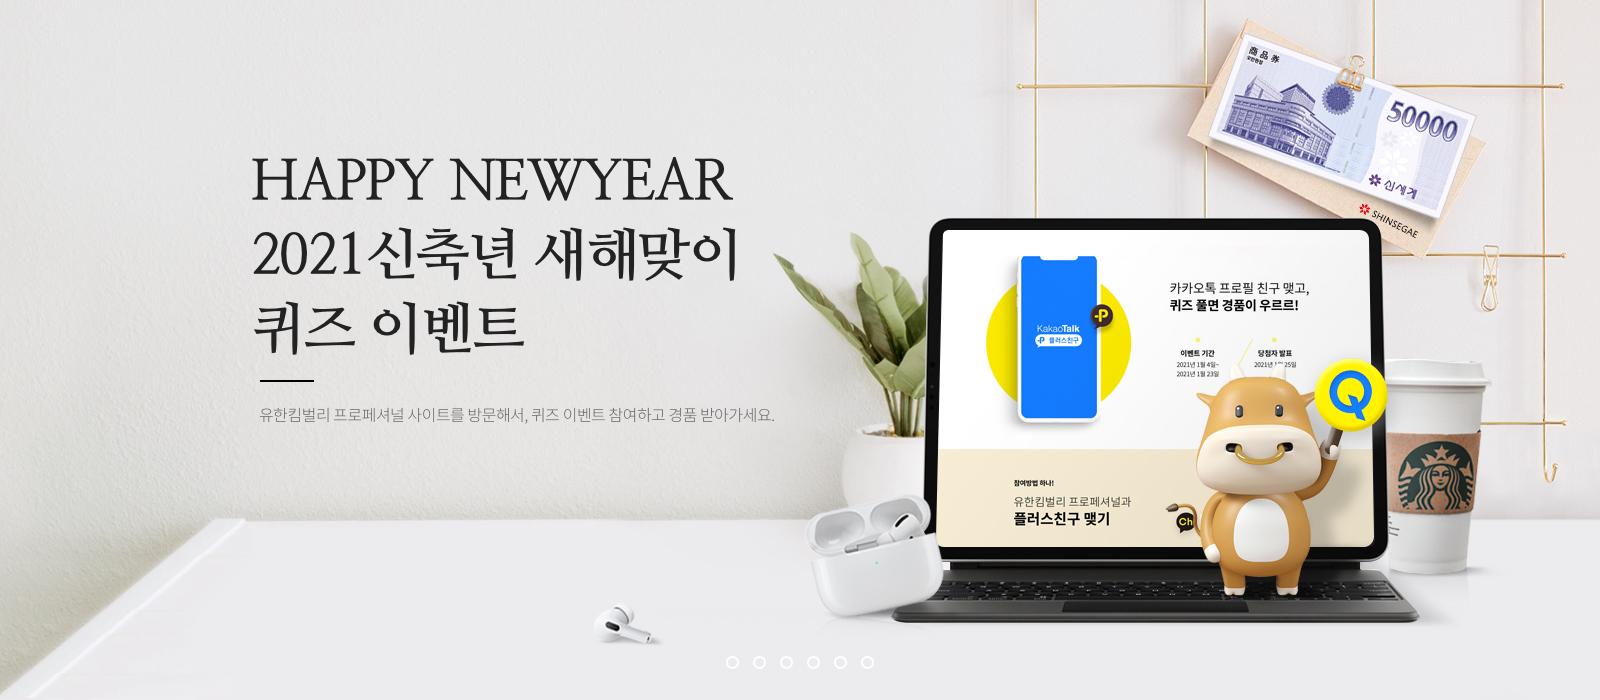 happy newyear 2021 신축년 새해맞이 퀴즈 이벤트 유한킴벌리 프로페셔널 사이트를 방문해서 퀴즈 이벤트 참여하고 경품 받아가세요.